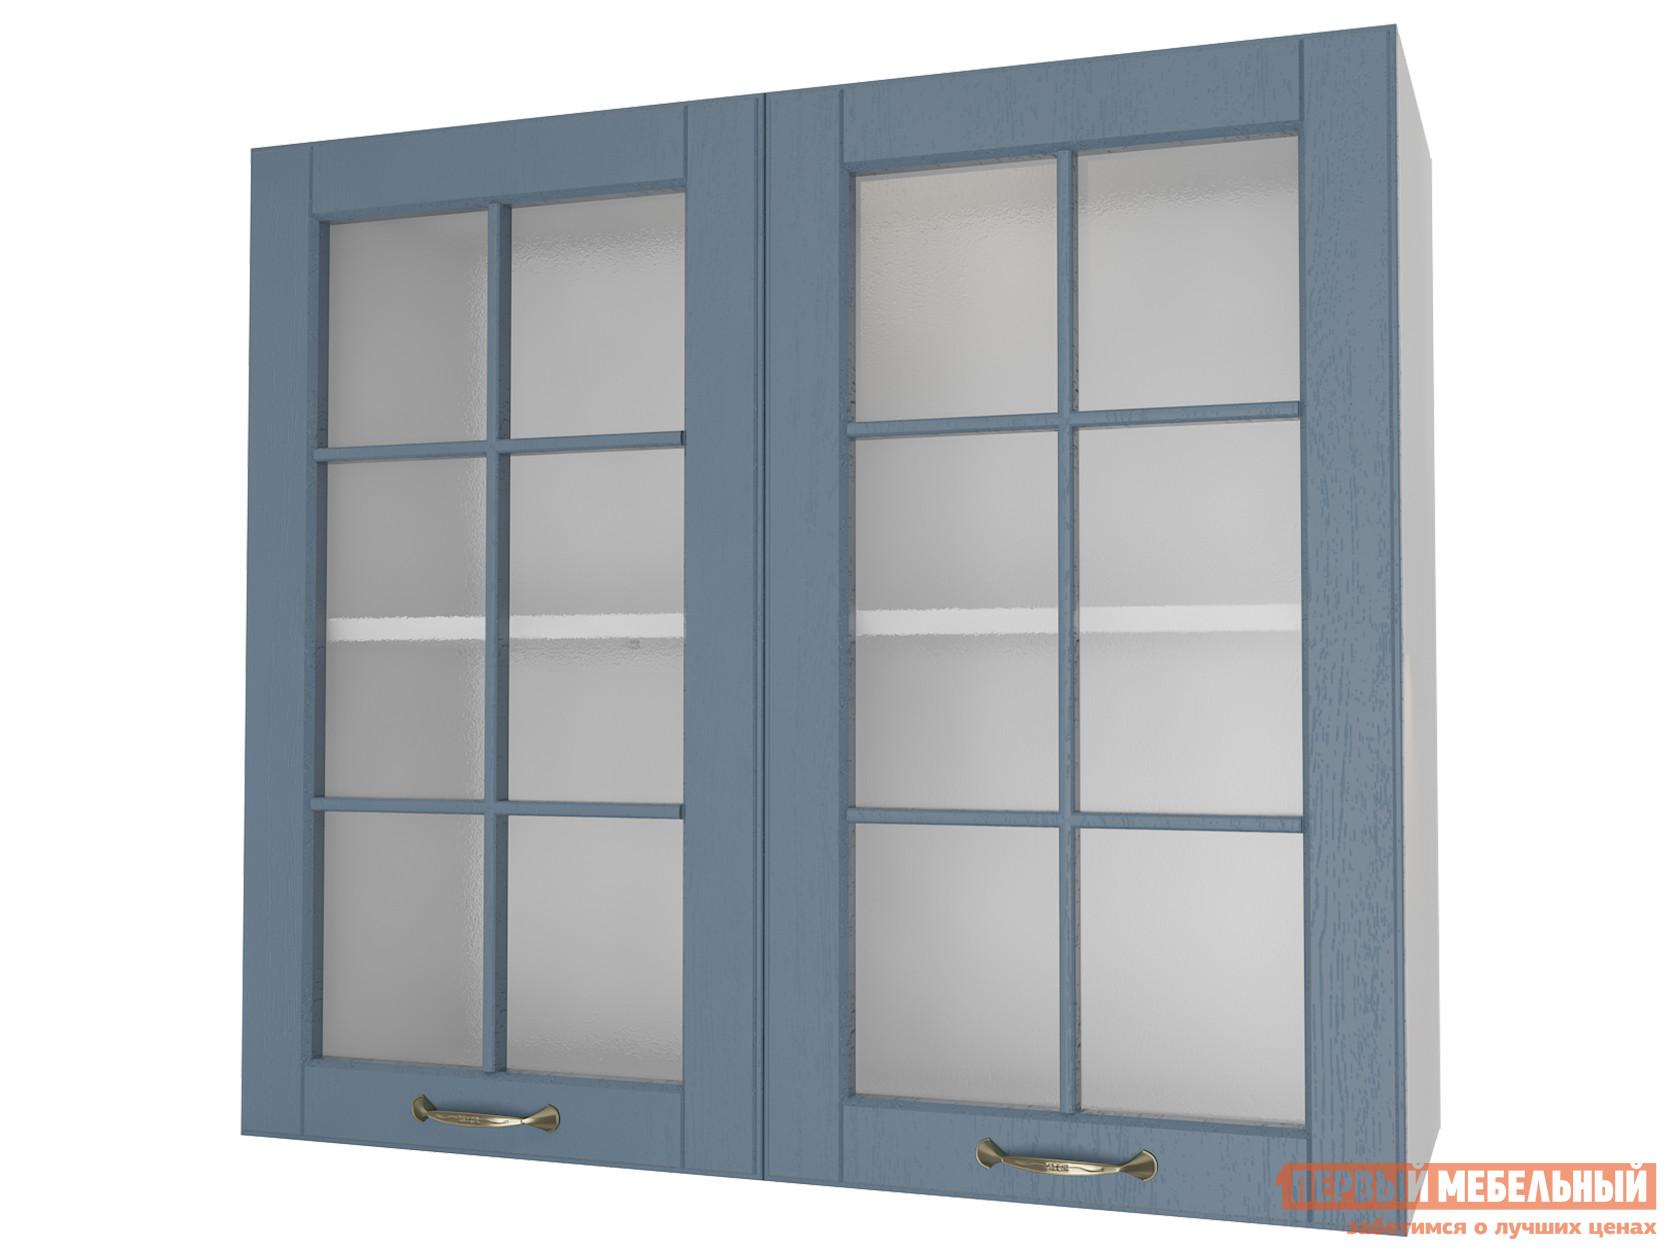 Кухонный модуль Первый Мебельный Шкаф 2 двери со стеклом 80 см Палермо